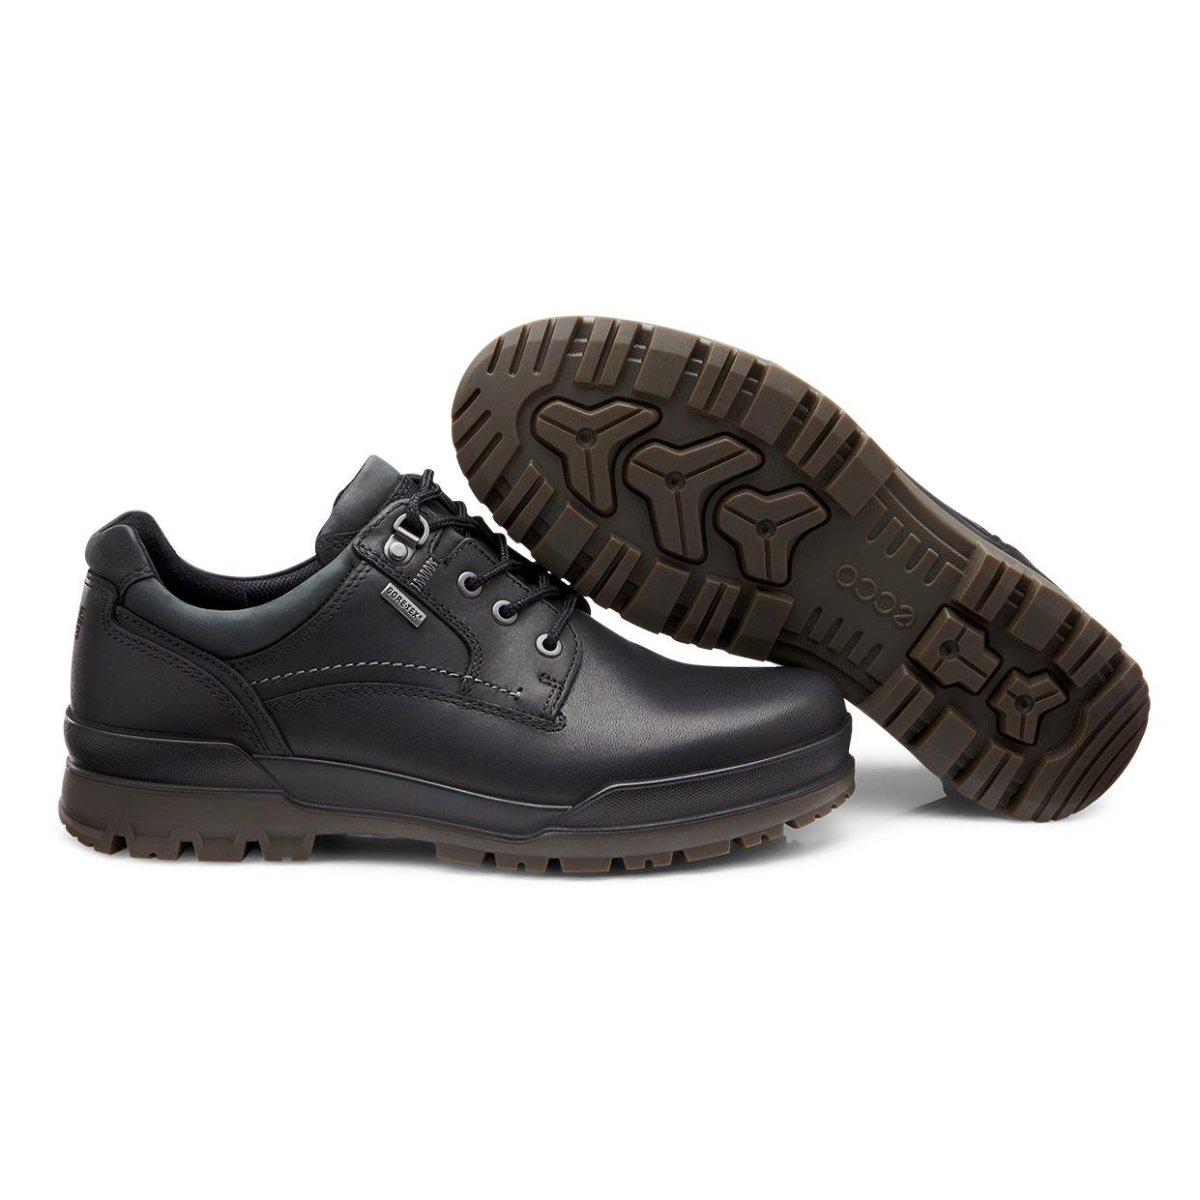 Kaufen Schuhe Schwarz Ecco Track Online Onlineshop 6 wvWSqH